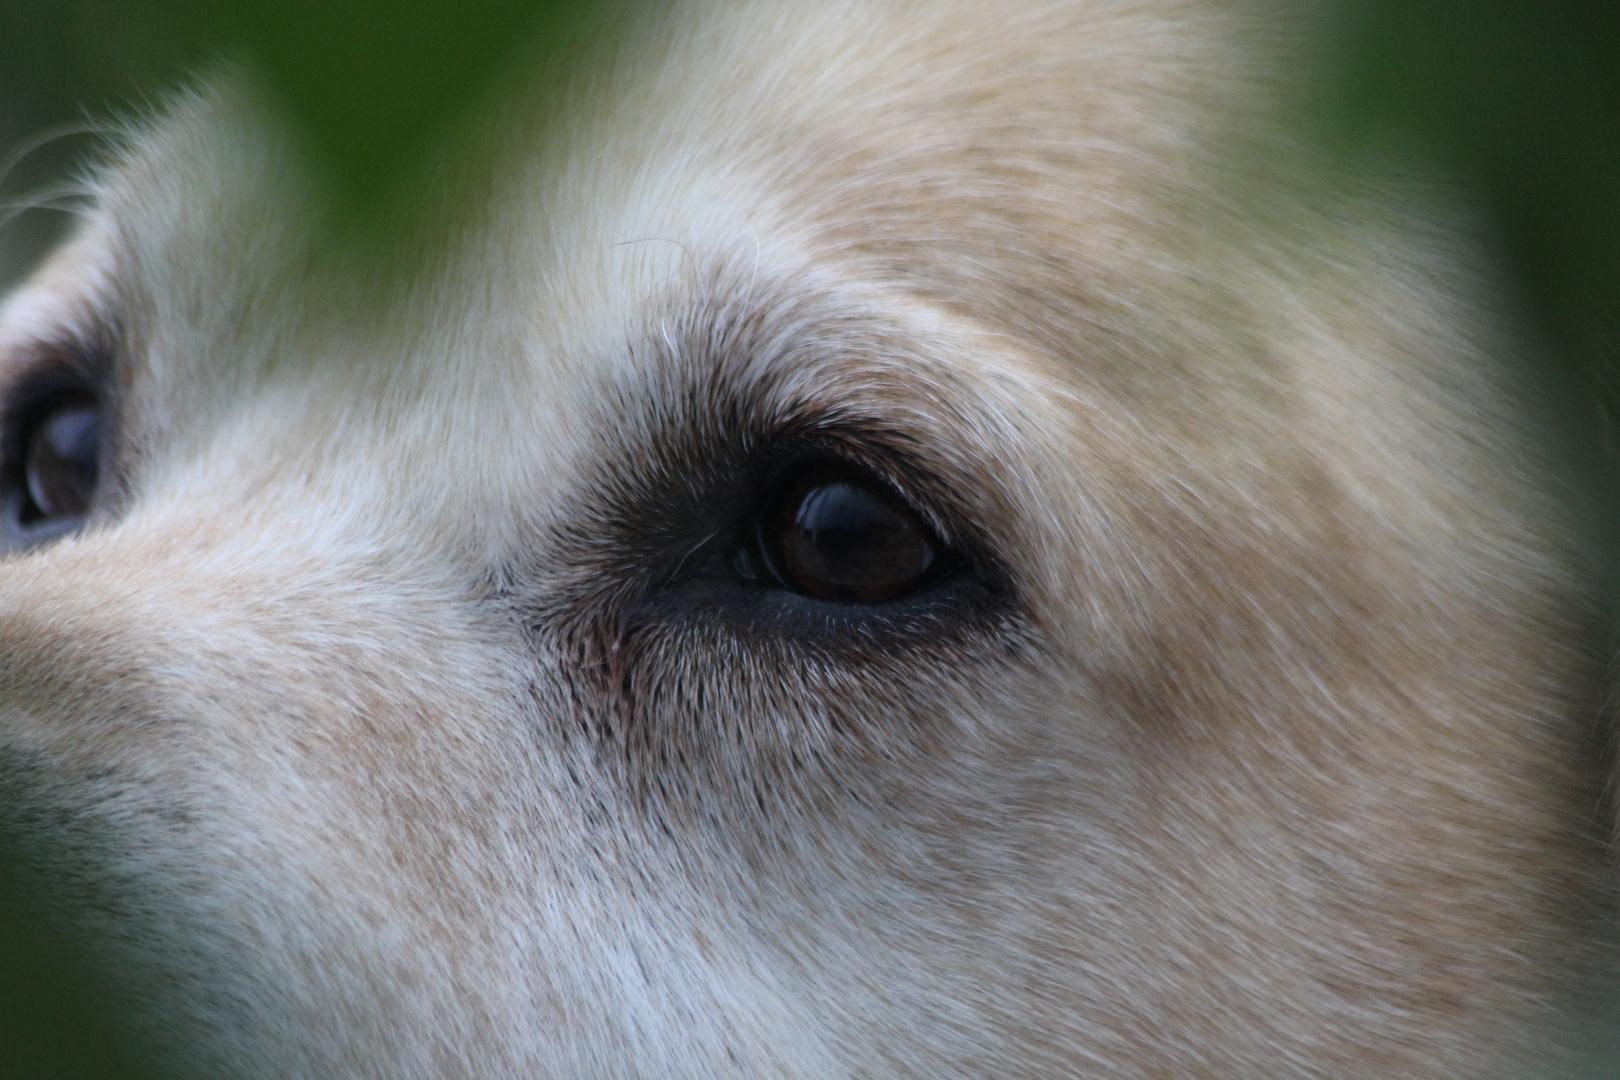 ...die Augen, die mir grenzenlos vertrauen...